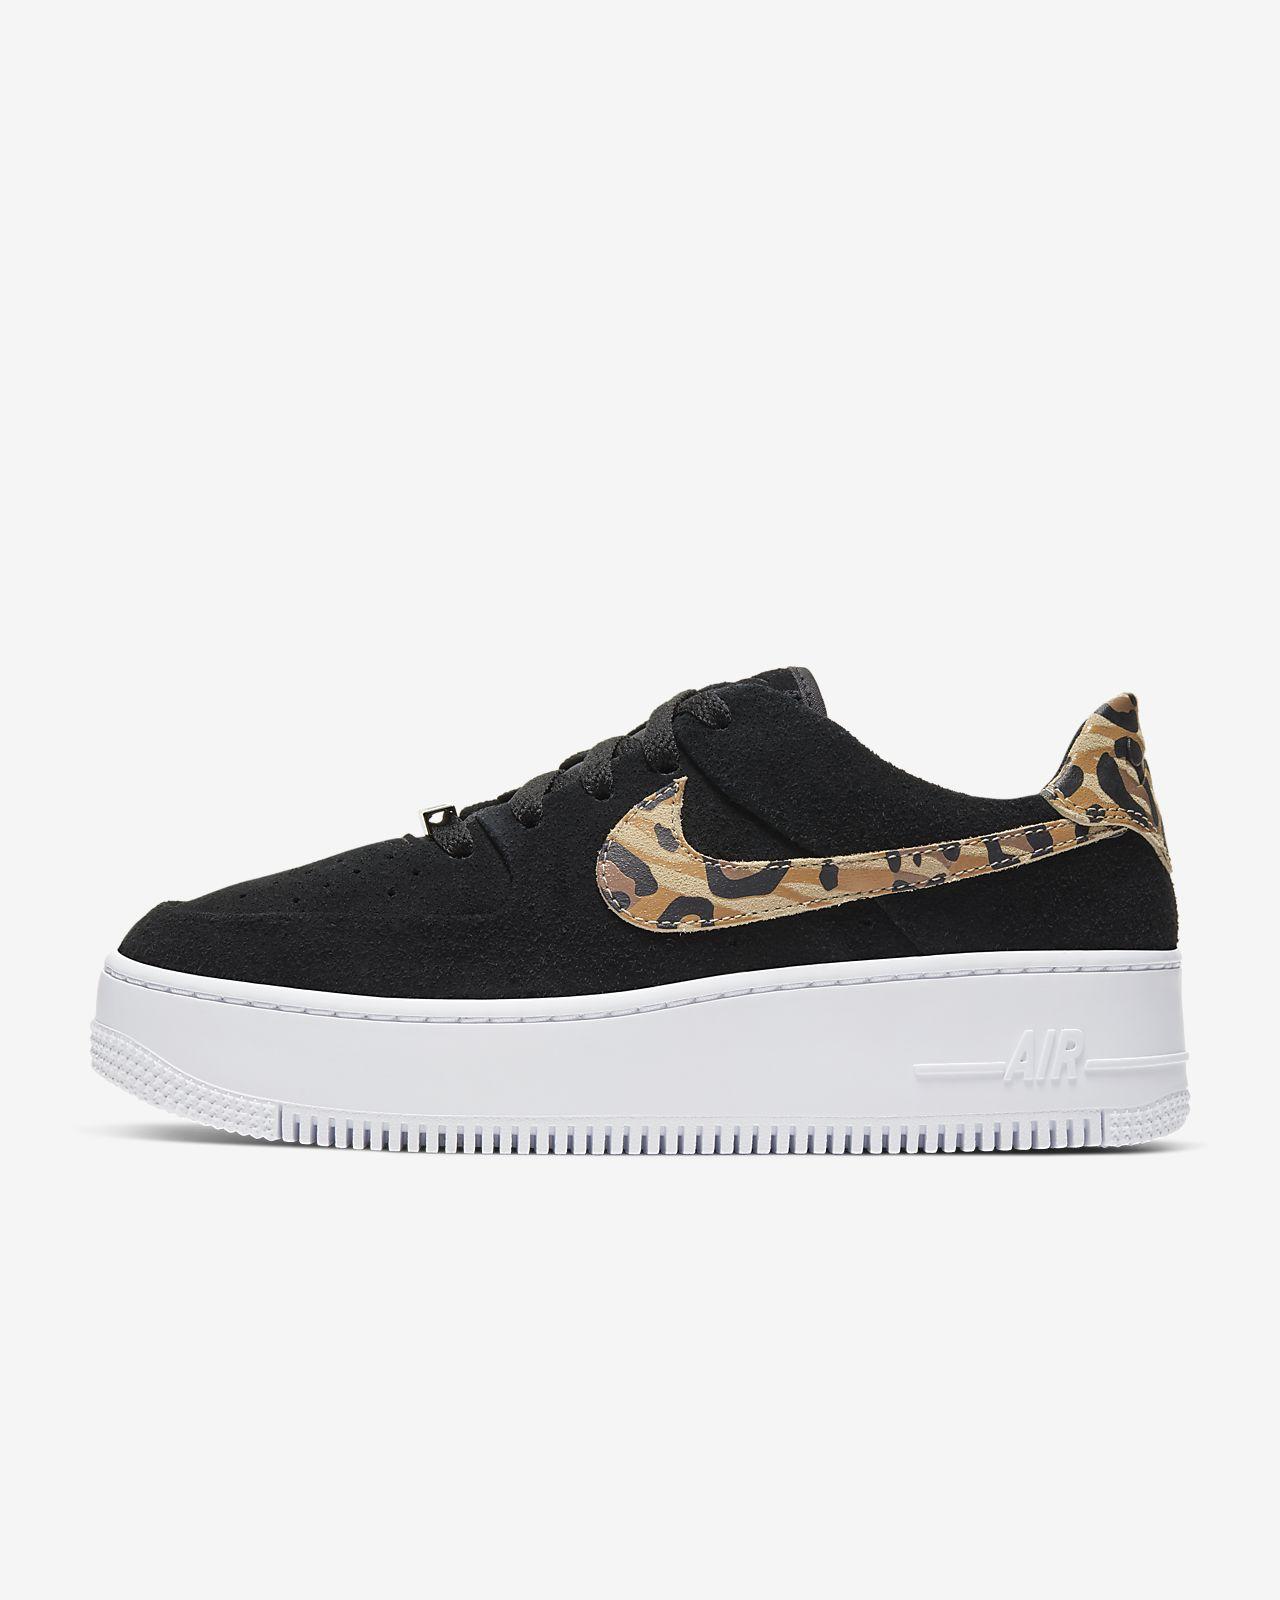 Nike Air Force 1 Sage Low Women's Animal Print Shoe